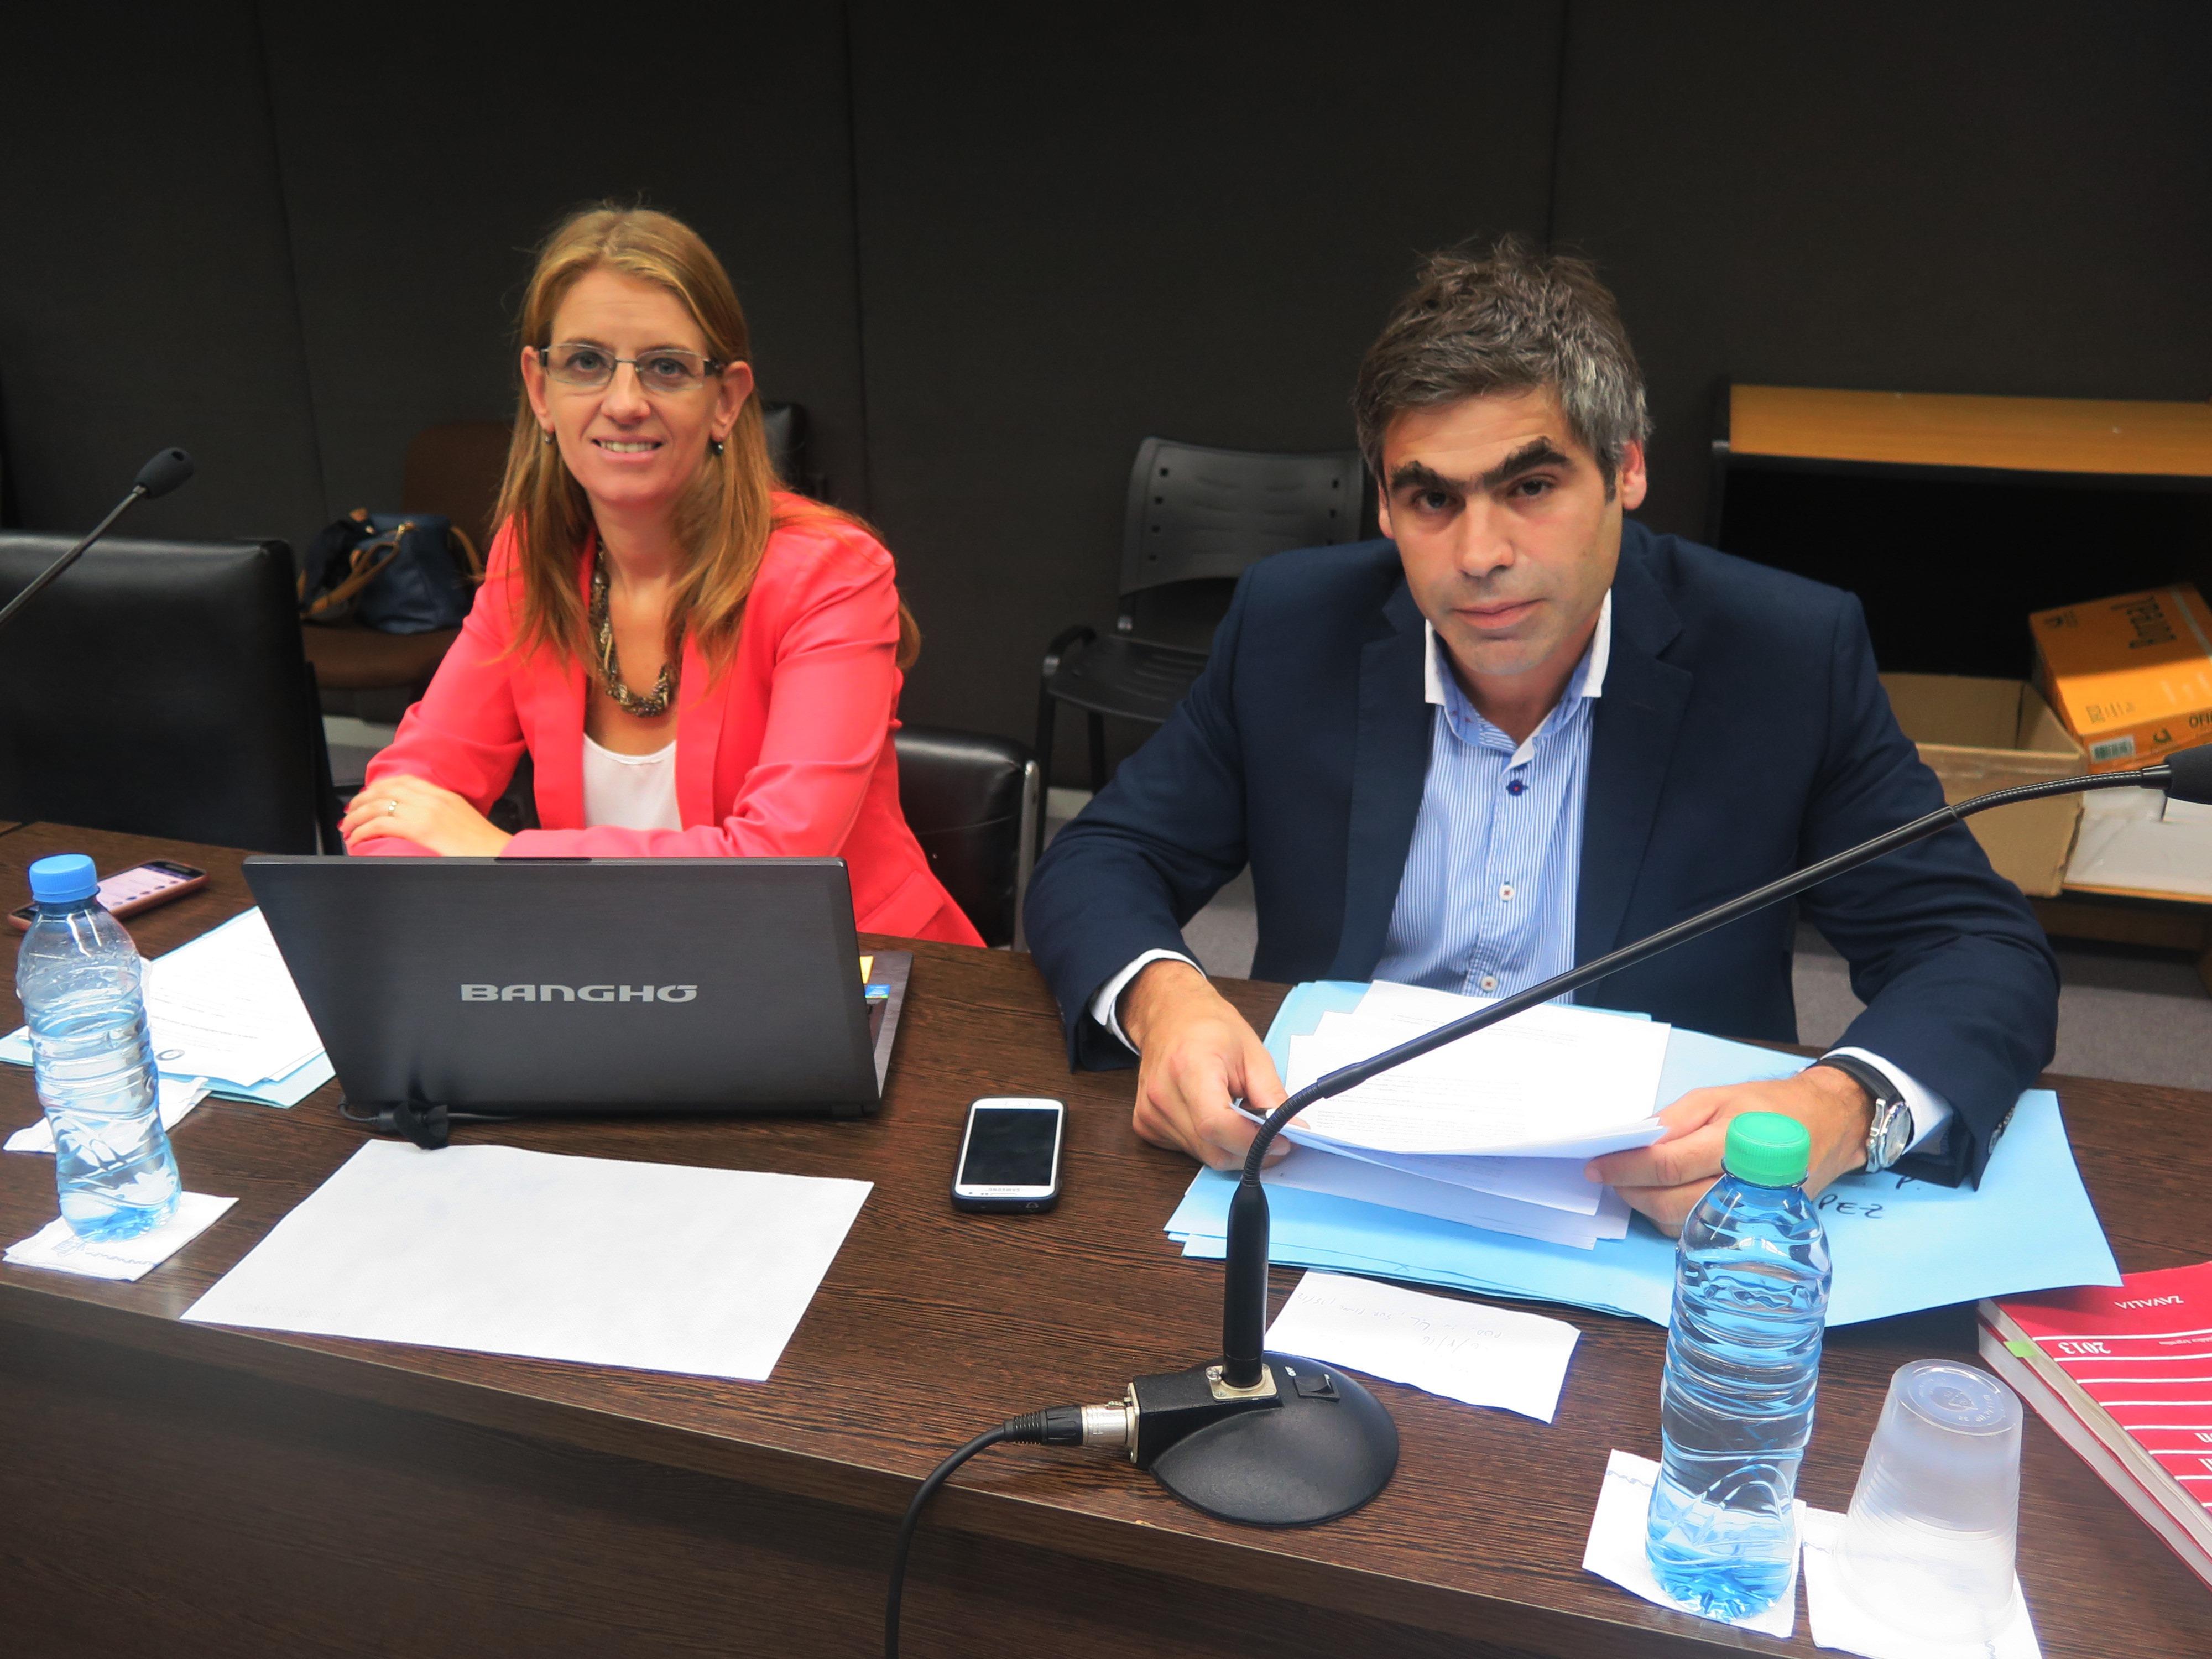 Foto: Belén Cano / Fiscalía General de Mar del Plata.